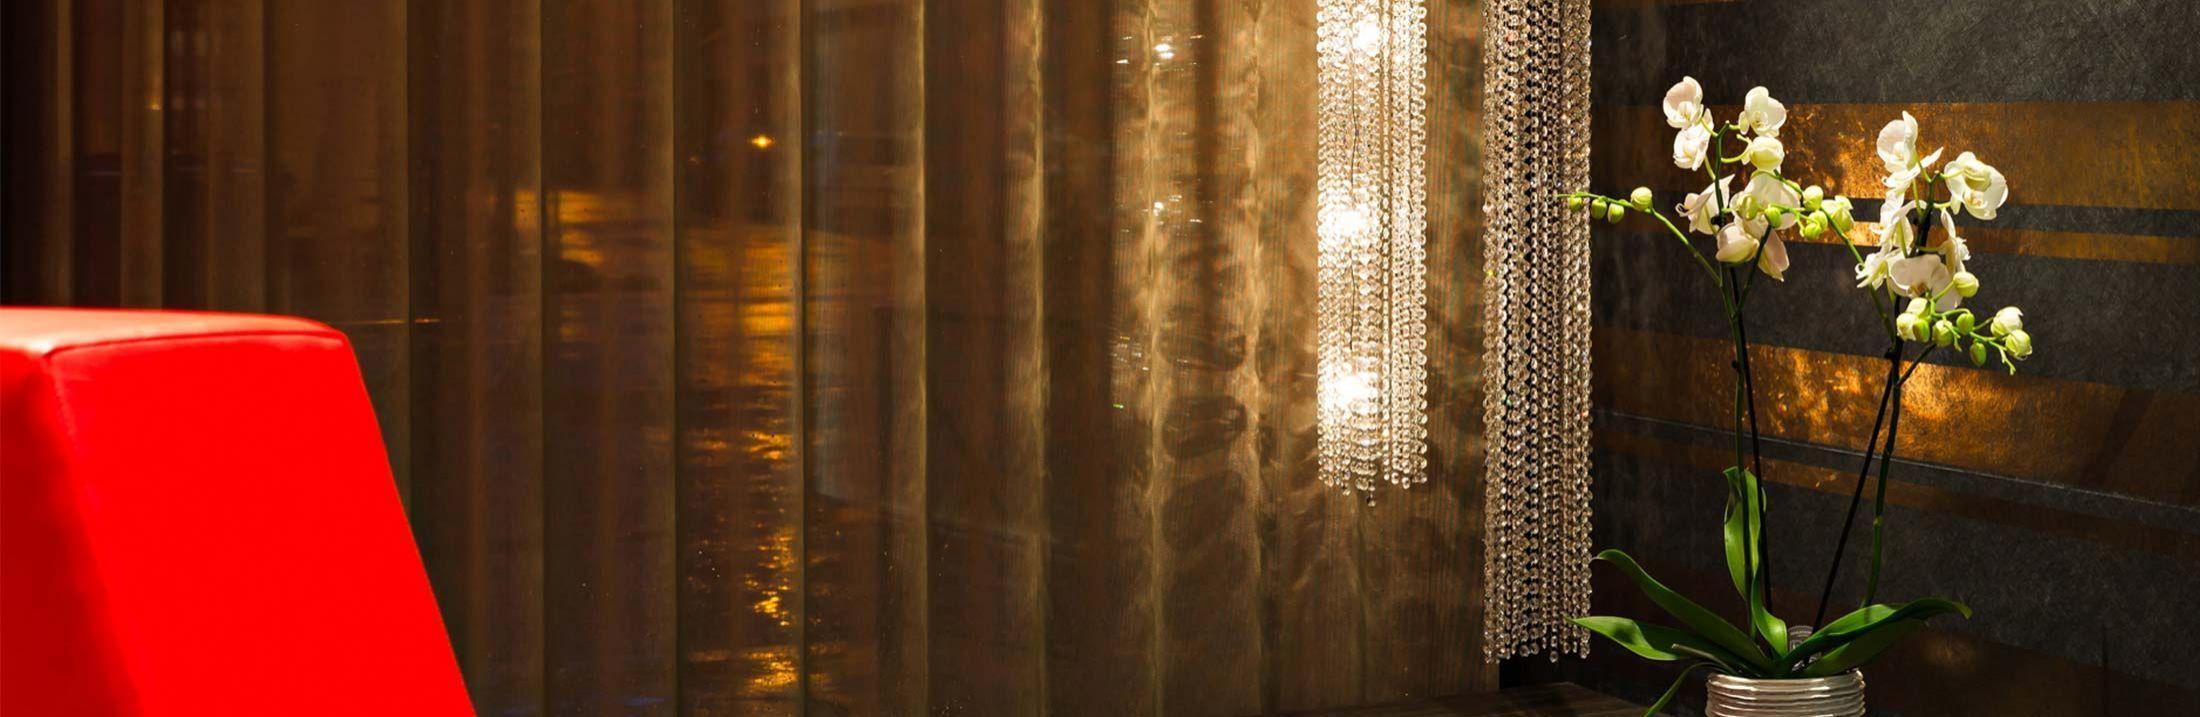 Hotel de Brienne - Detalles